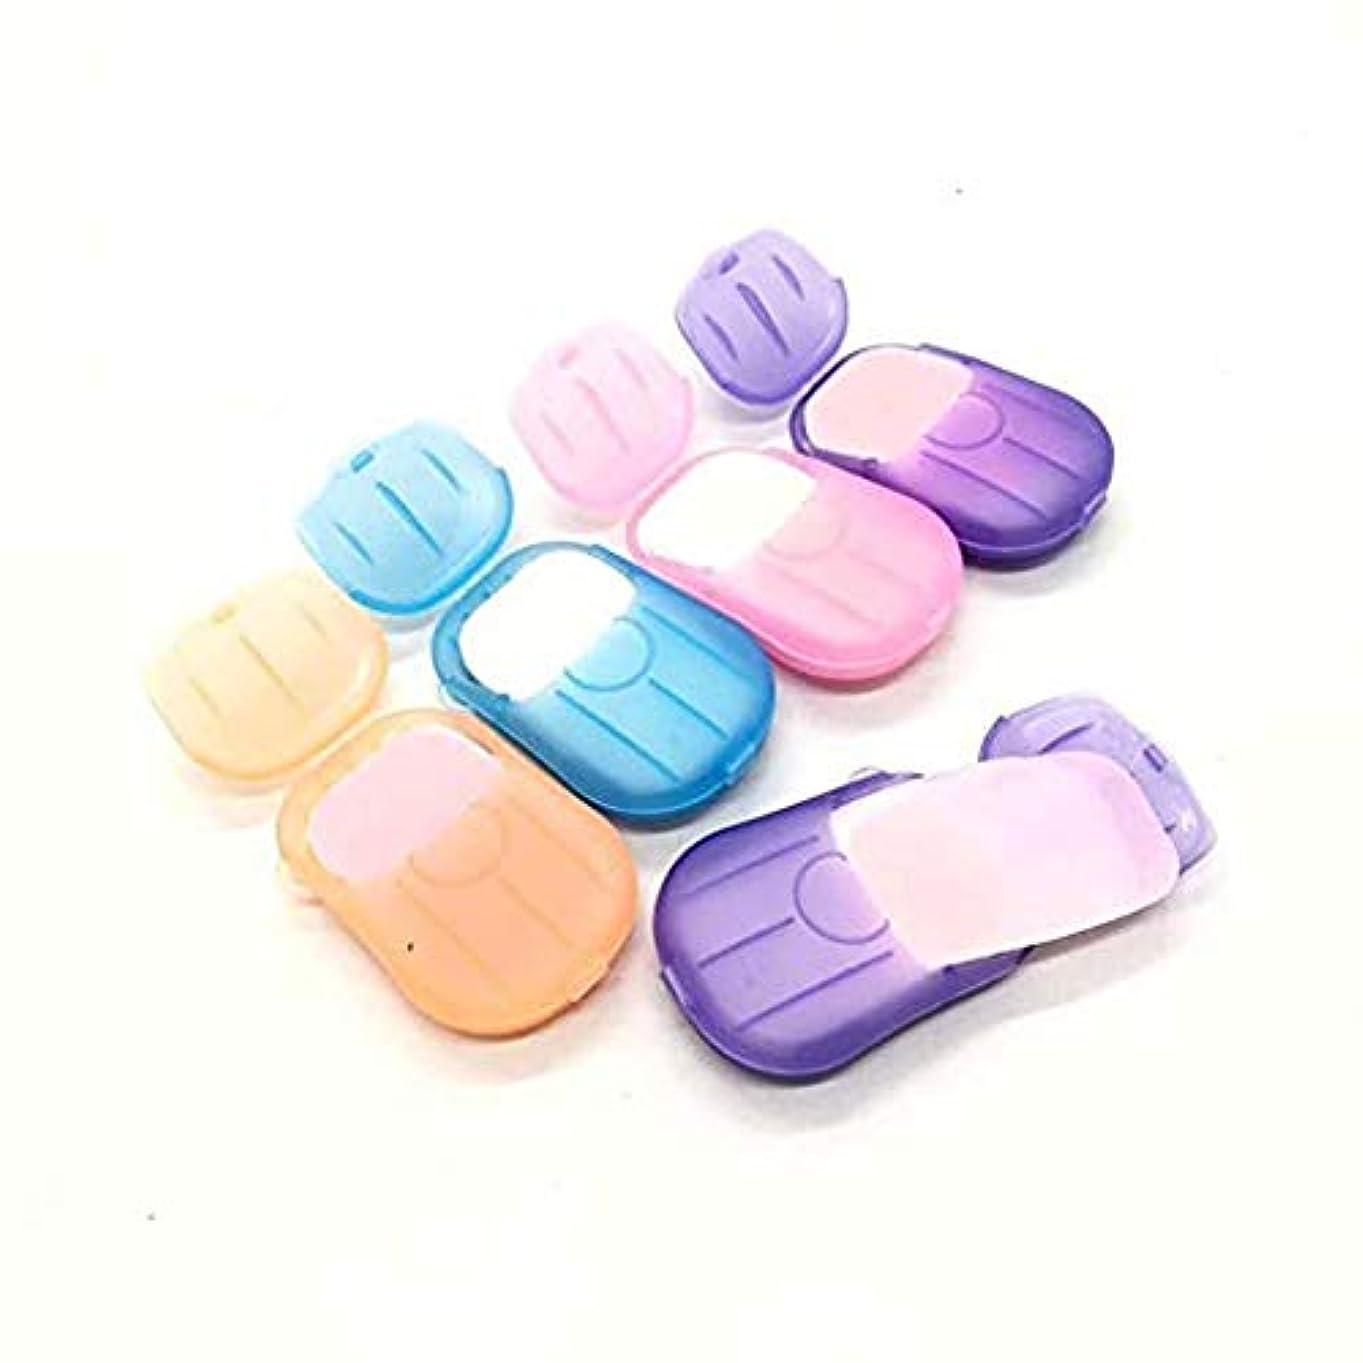 悪質な乳白色アジアArvolno ペーパーソープ 紙せっけん 6個セット 石鹸 携帯用除菌 香り 超軽量 持ち運び 手洗い/お風呂 お出かけ 旅行 20枚/ケース (6個セット)